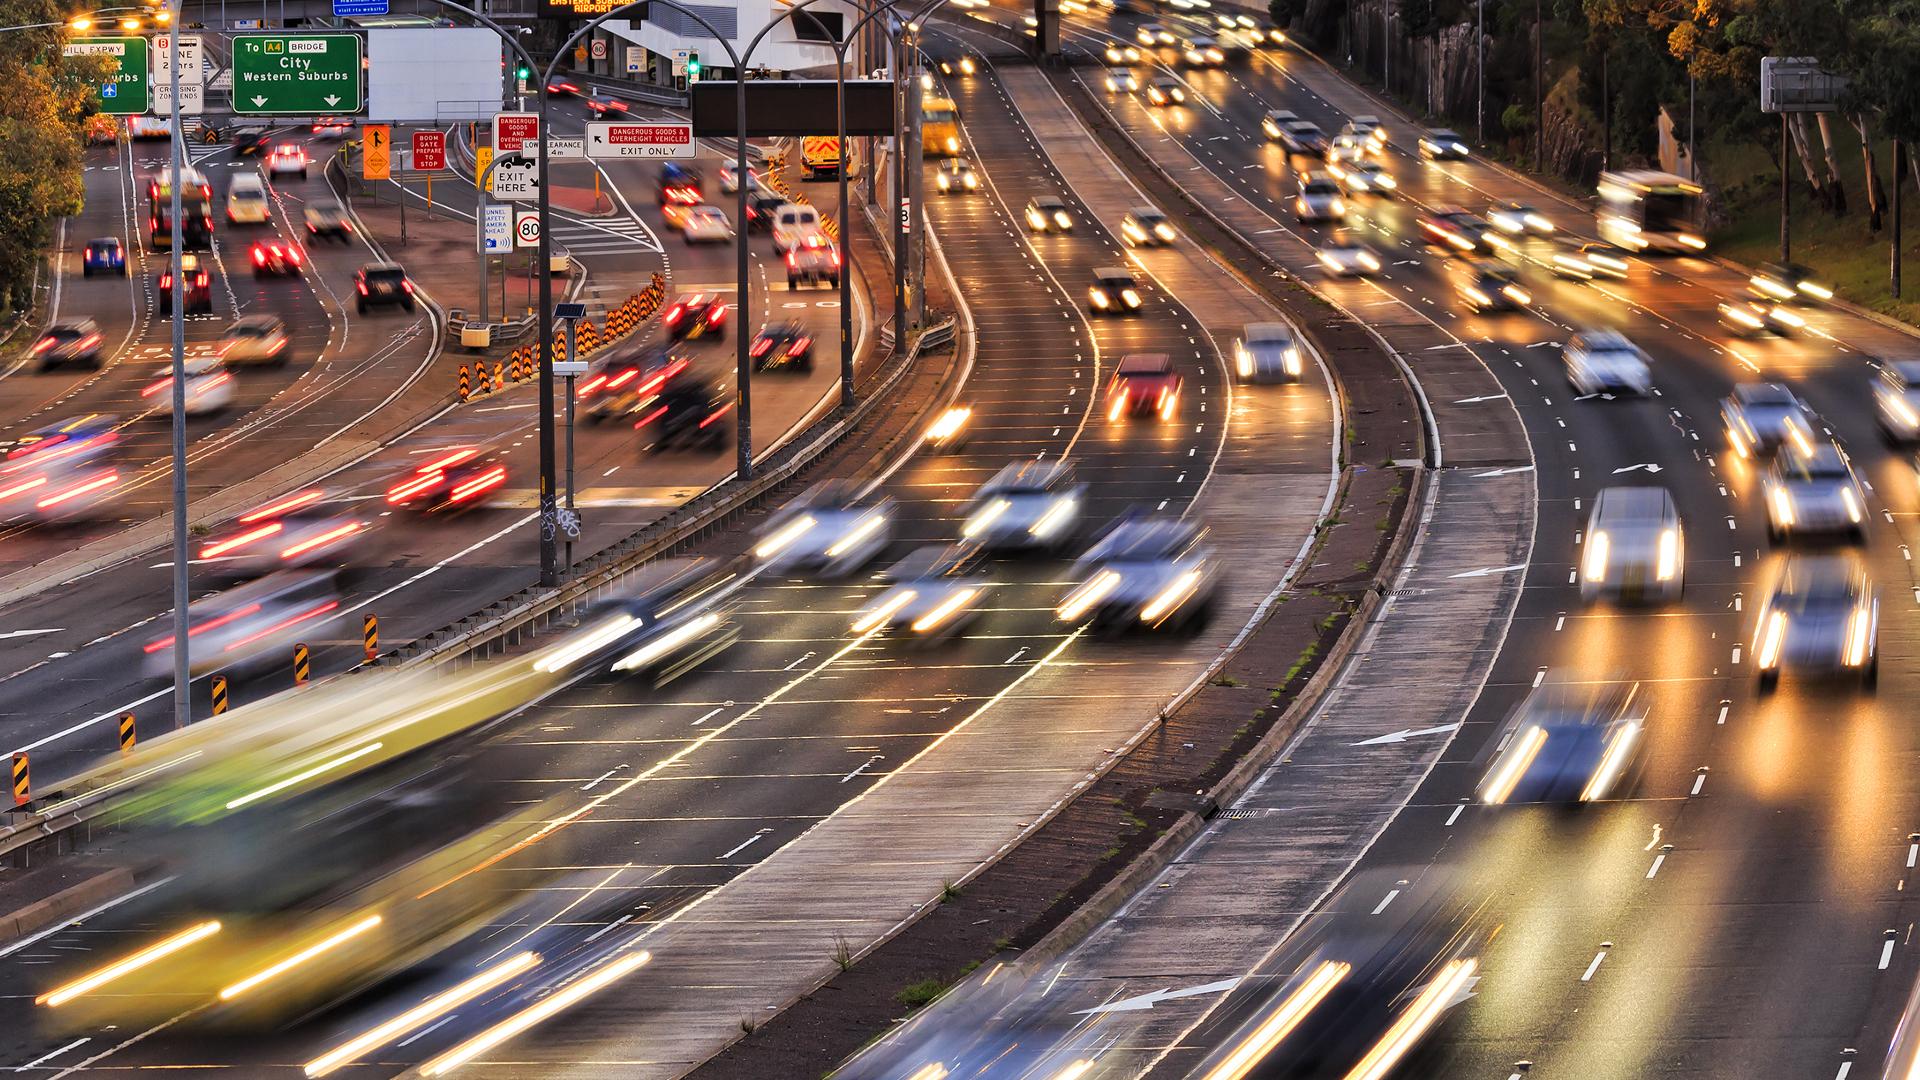 En Latinoamérica hay miles de muertes al año por accidentes de tránsito (iStock)